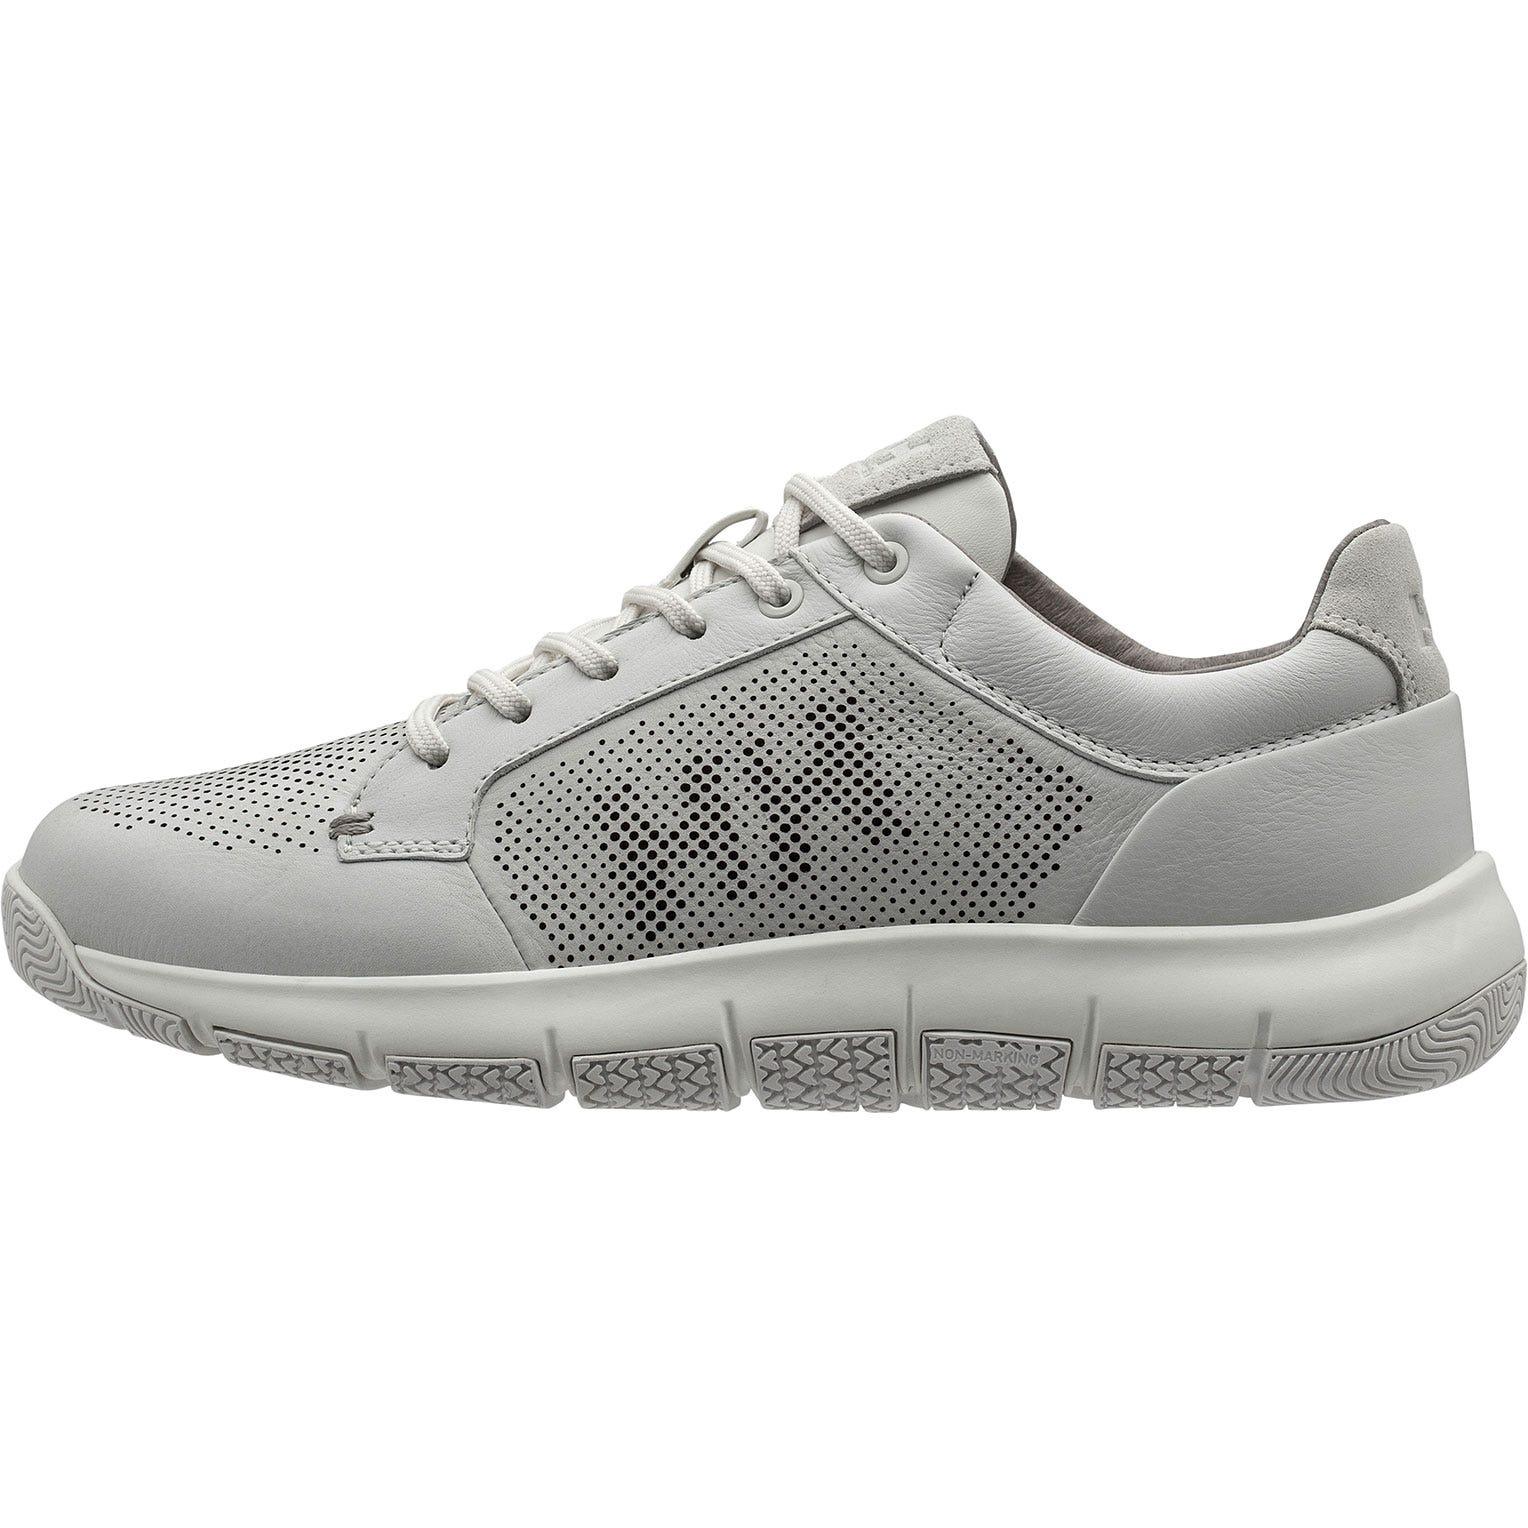 Helly Hansen W Skagen Pier Leather Shoe Womens Casual White 38/7